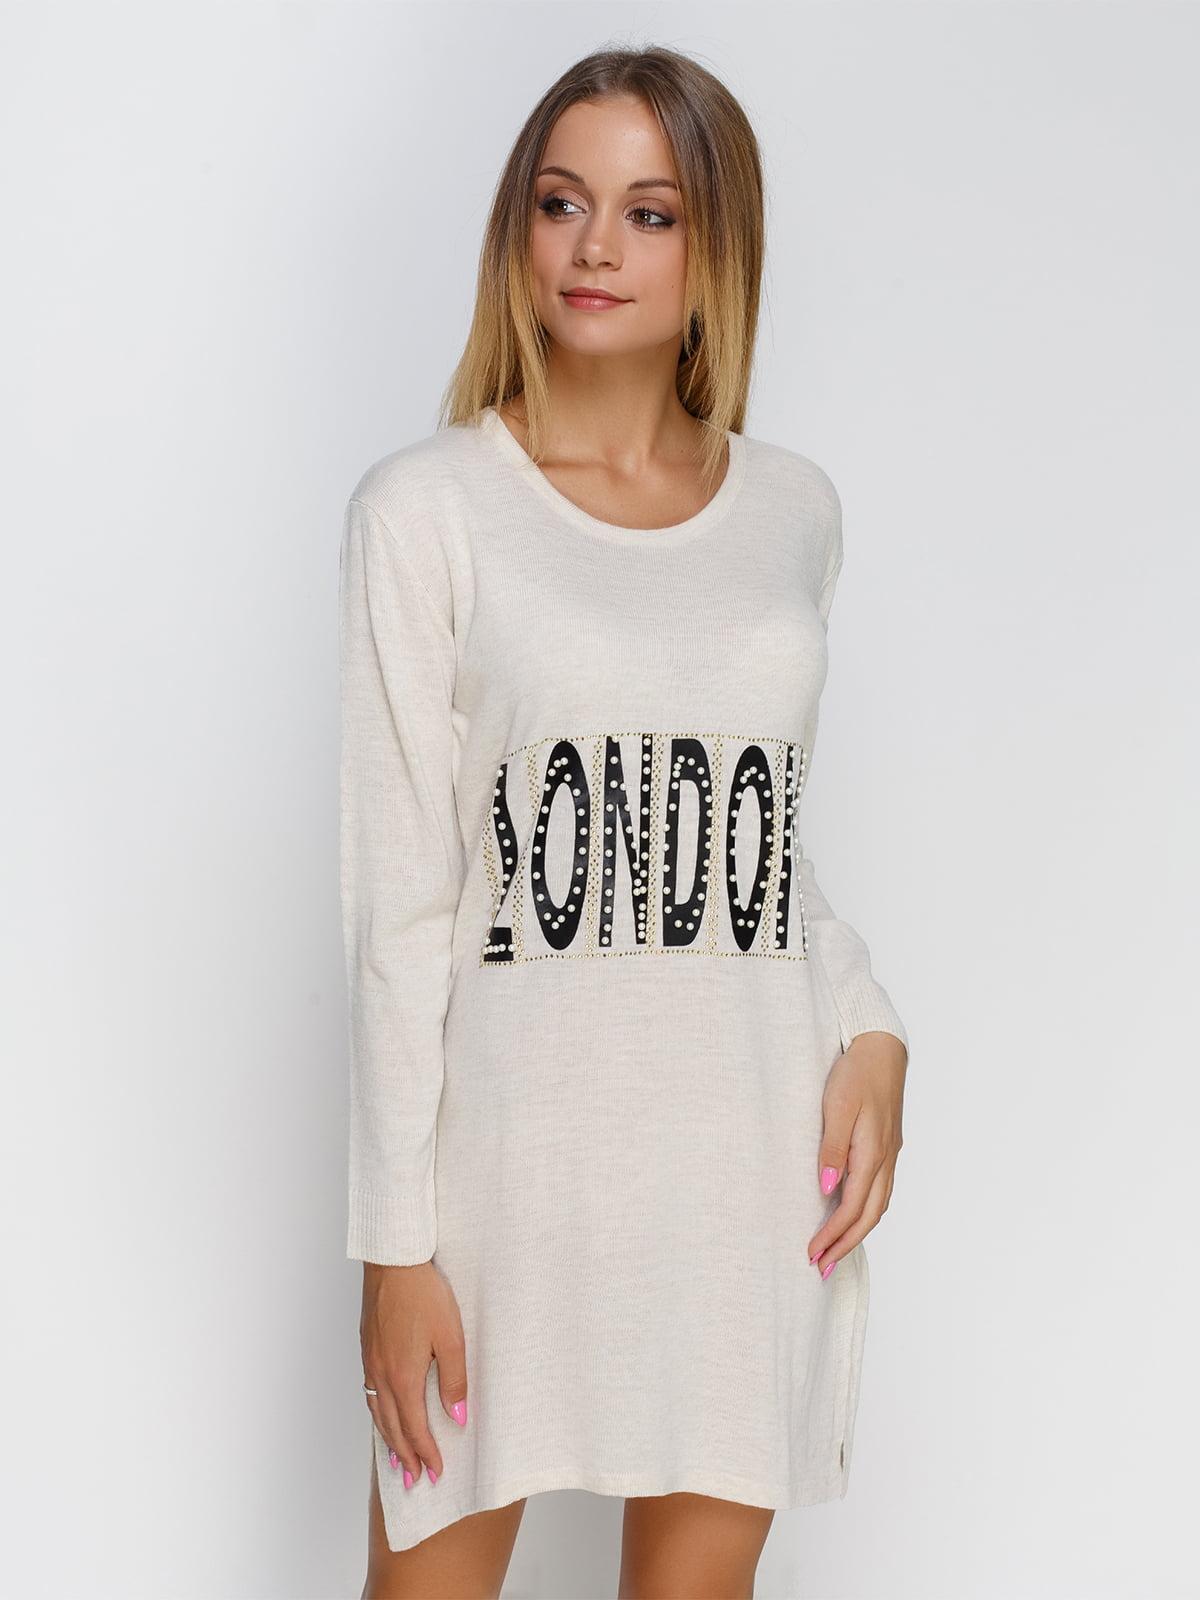 Сукня молочного кольору з написом і декором | 4481300